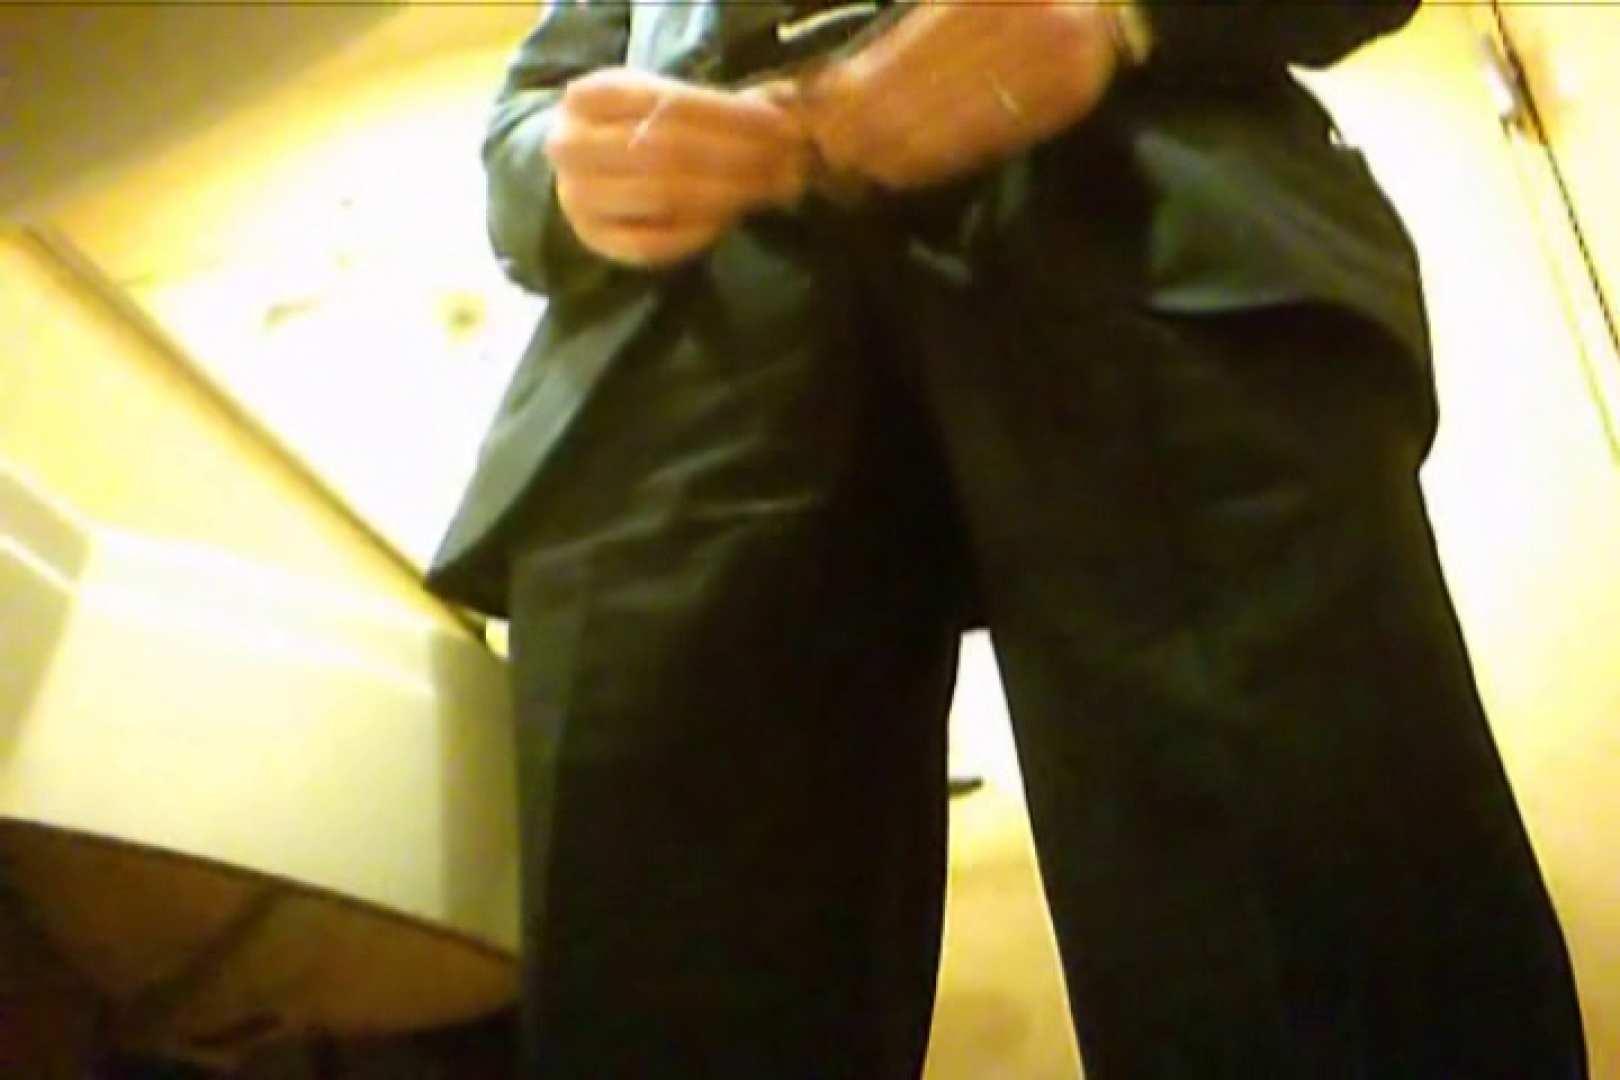 Gボーイ初投稿!掴み取りさんの洗面所覗き!in新幹線!VOL.17 スーツ  100pic 24